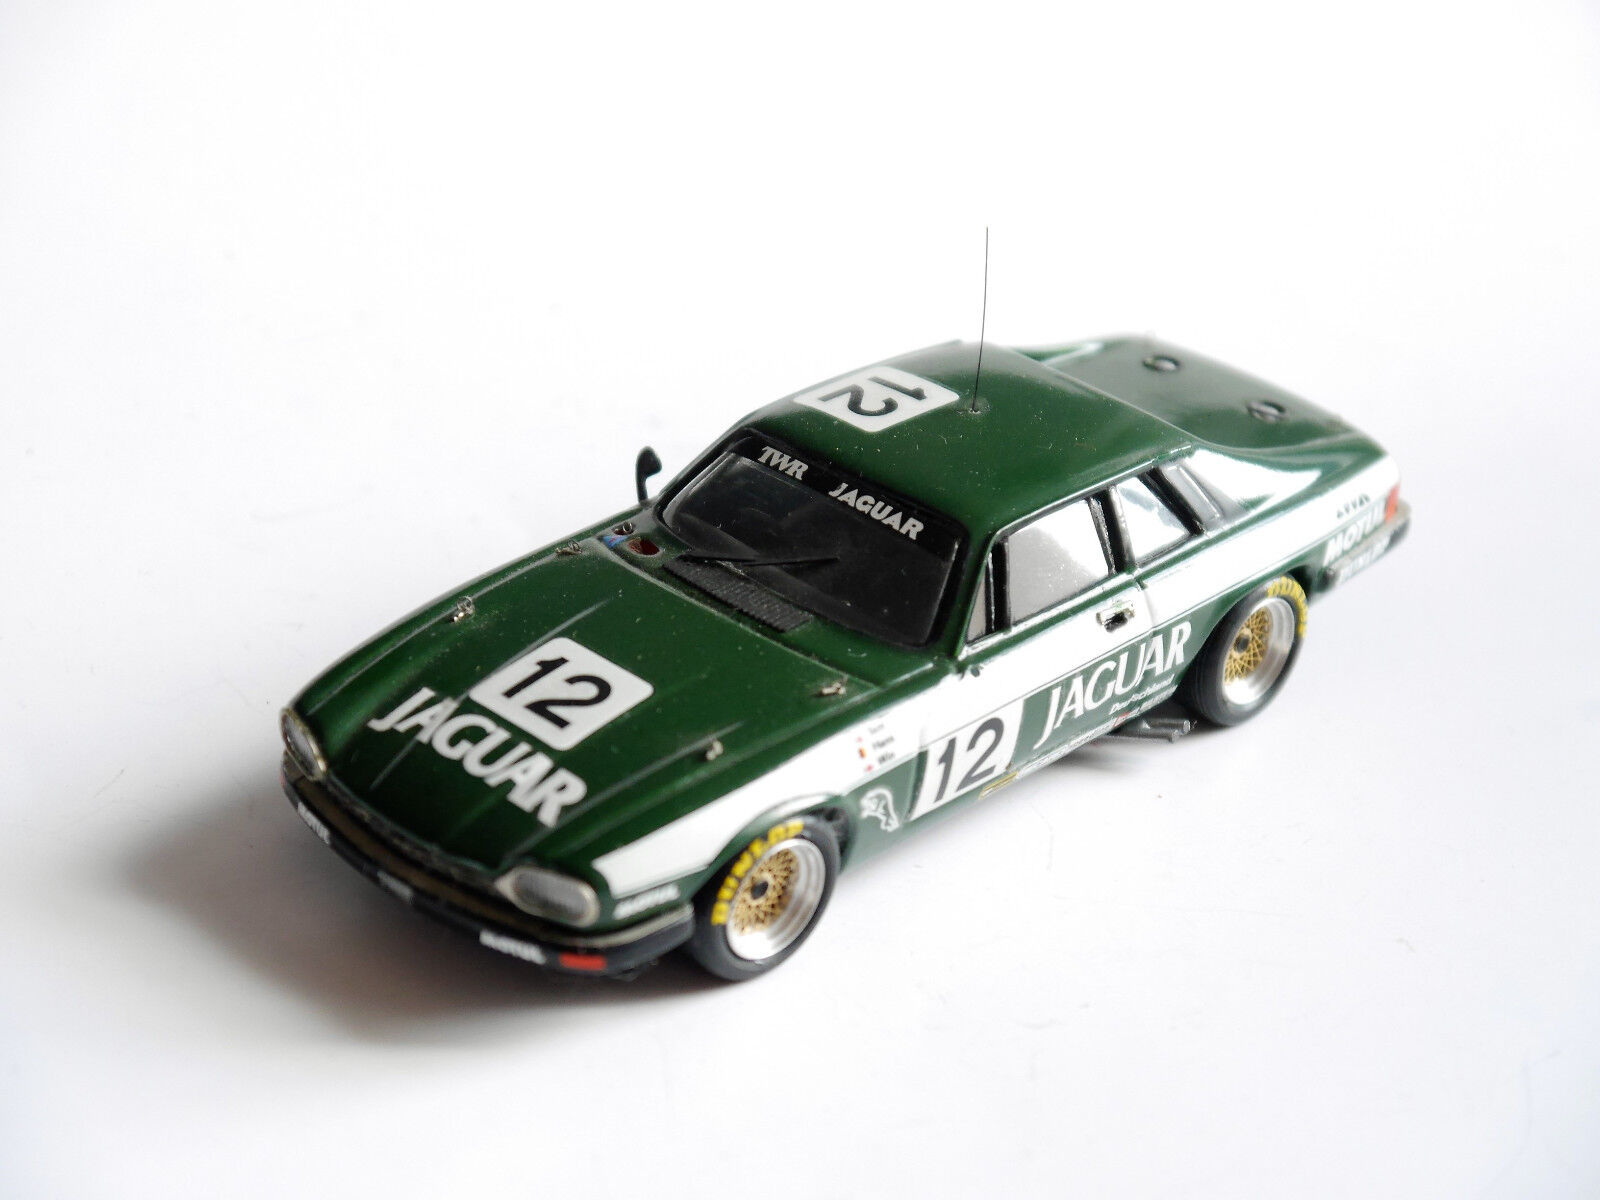 Cet JAGUAR XJS voiture de course racing car  12, à la main handmade G ROBUSTELLI 1 43